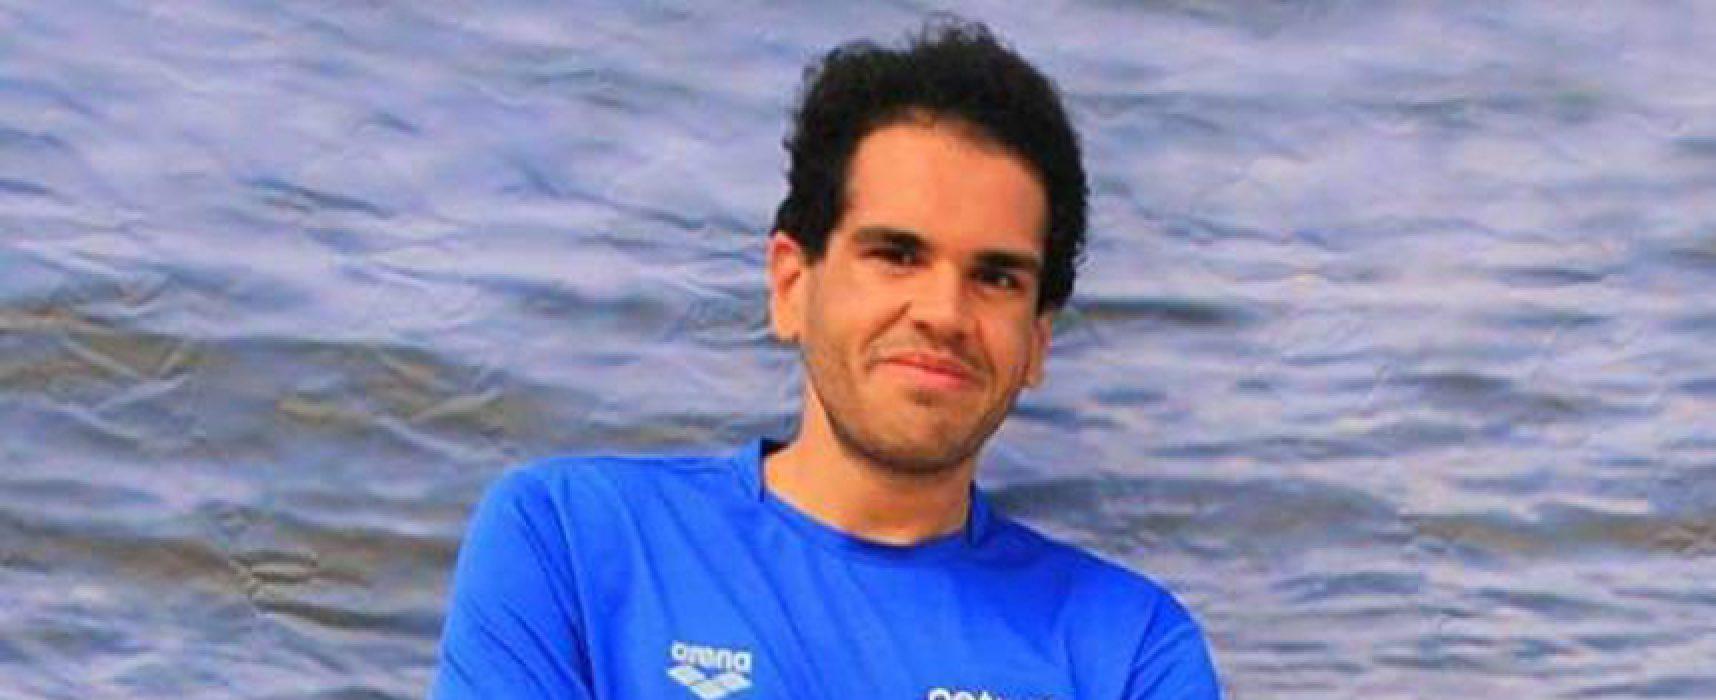 Il nuotatore Di Pierro tenta la traversata Bisceglie-Bari